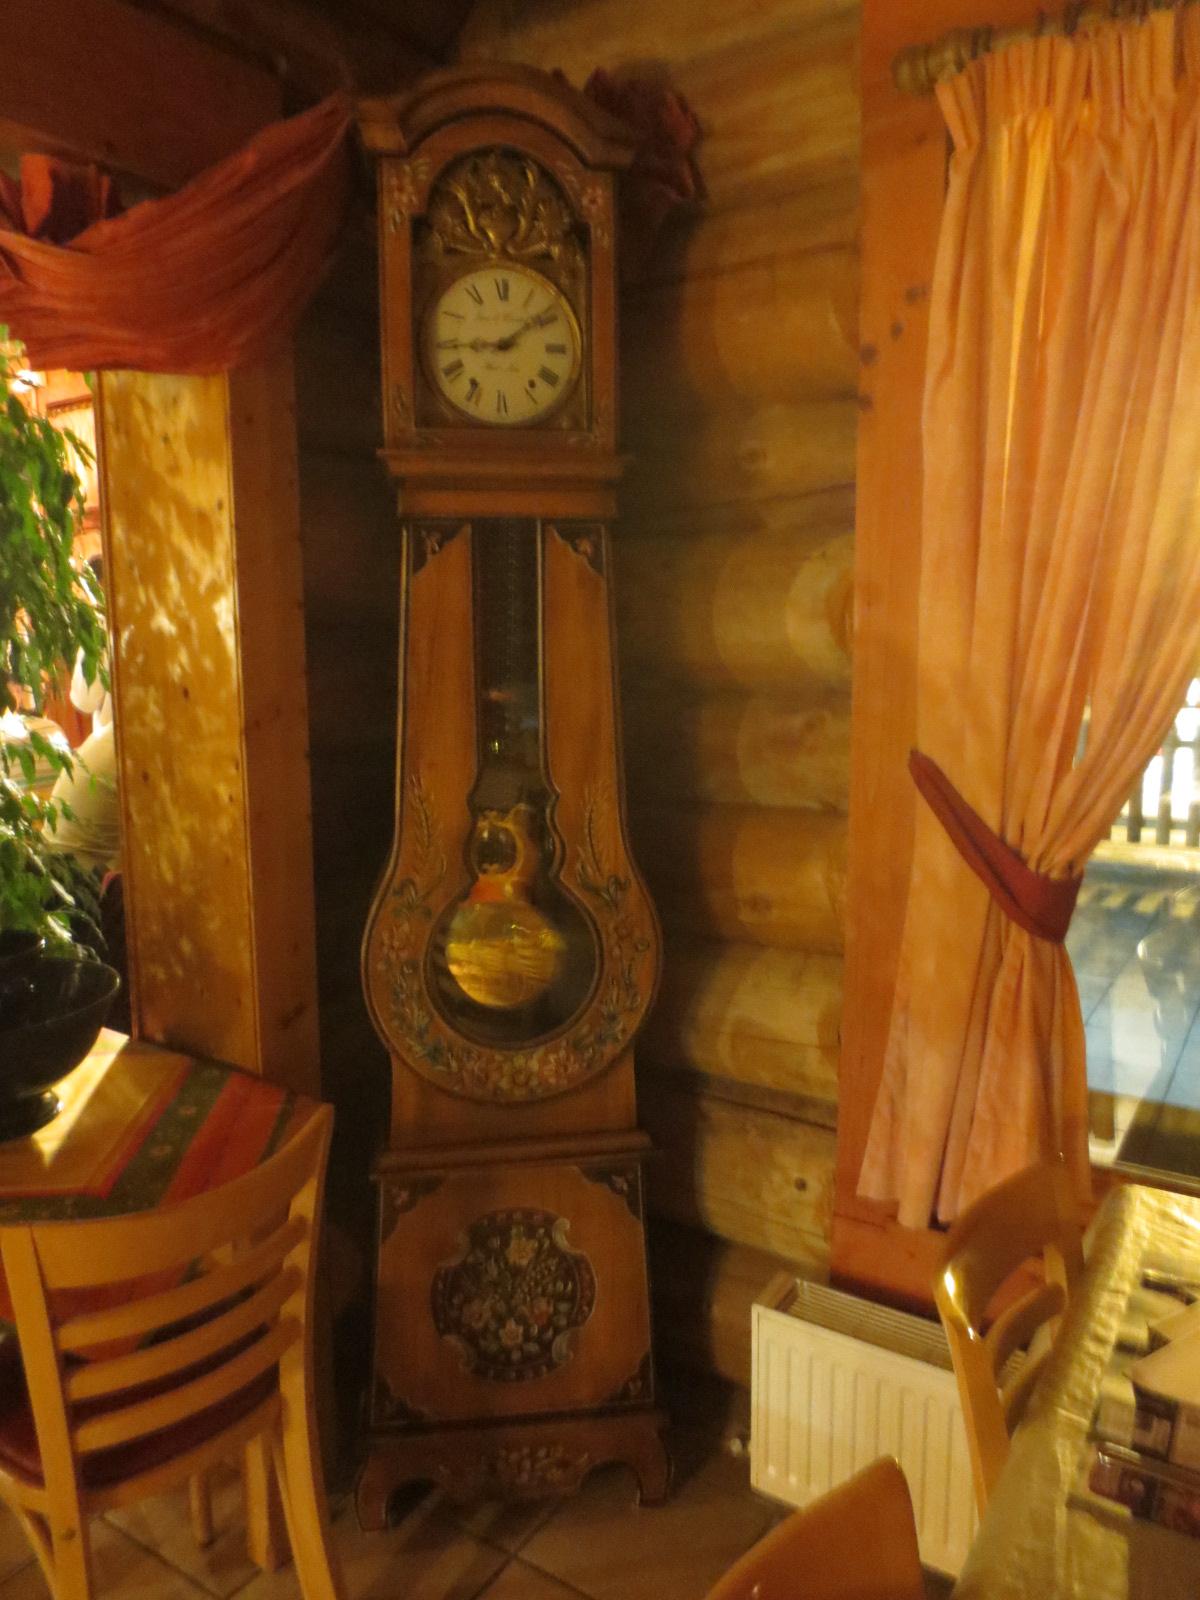 Comment Dater Une Horloge Comtoise : comment, dater, horloge, comtoise, Horloge, Comtoise, Wikipédia